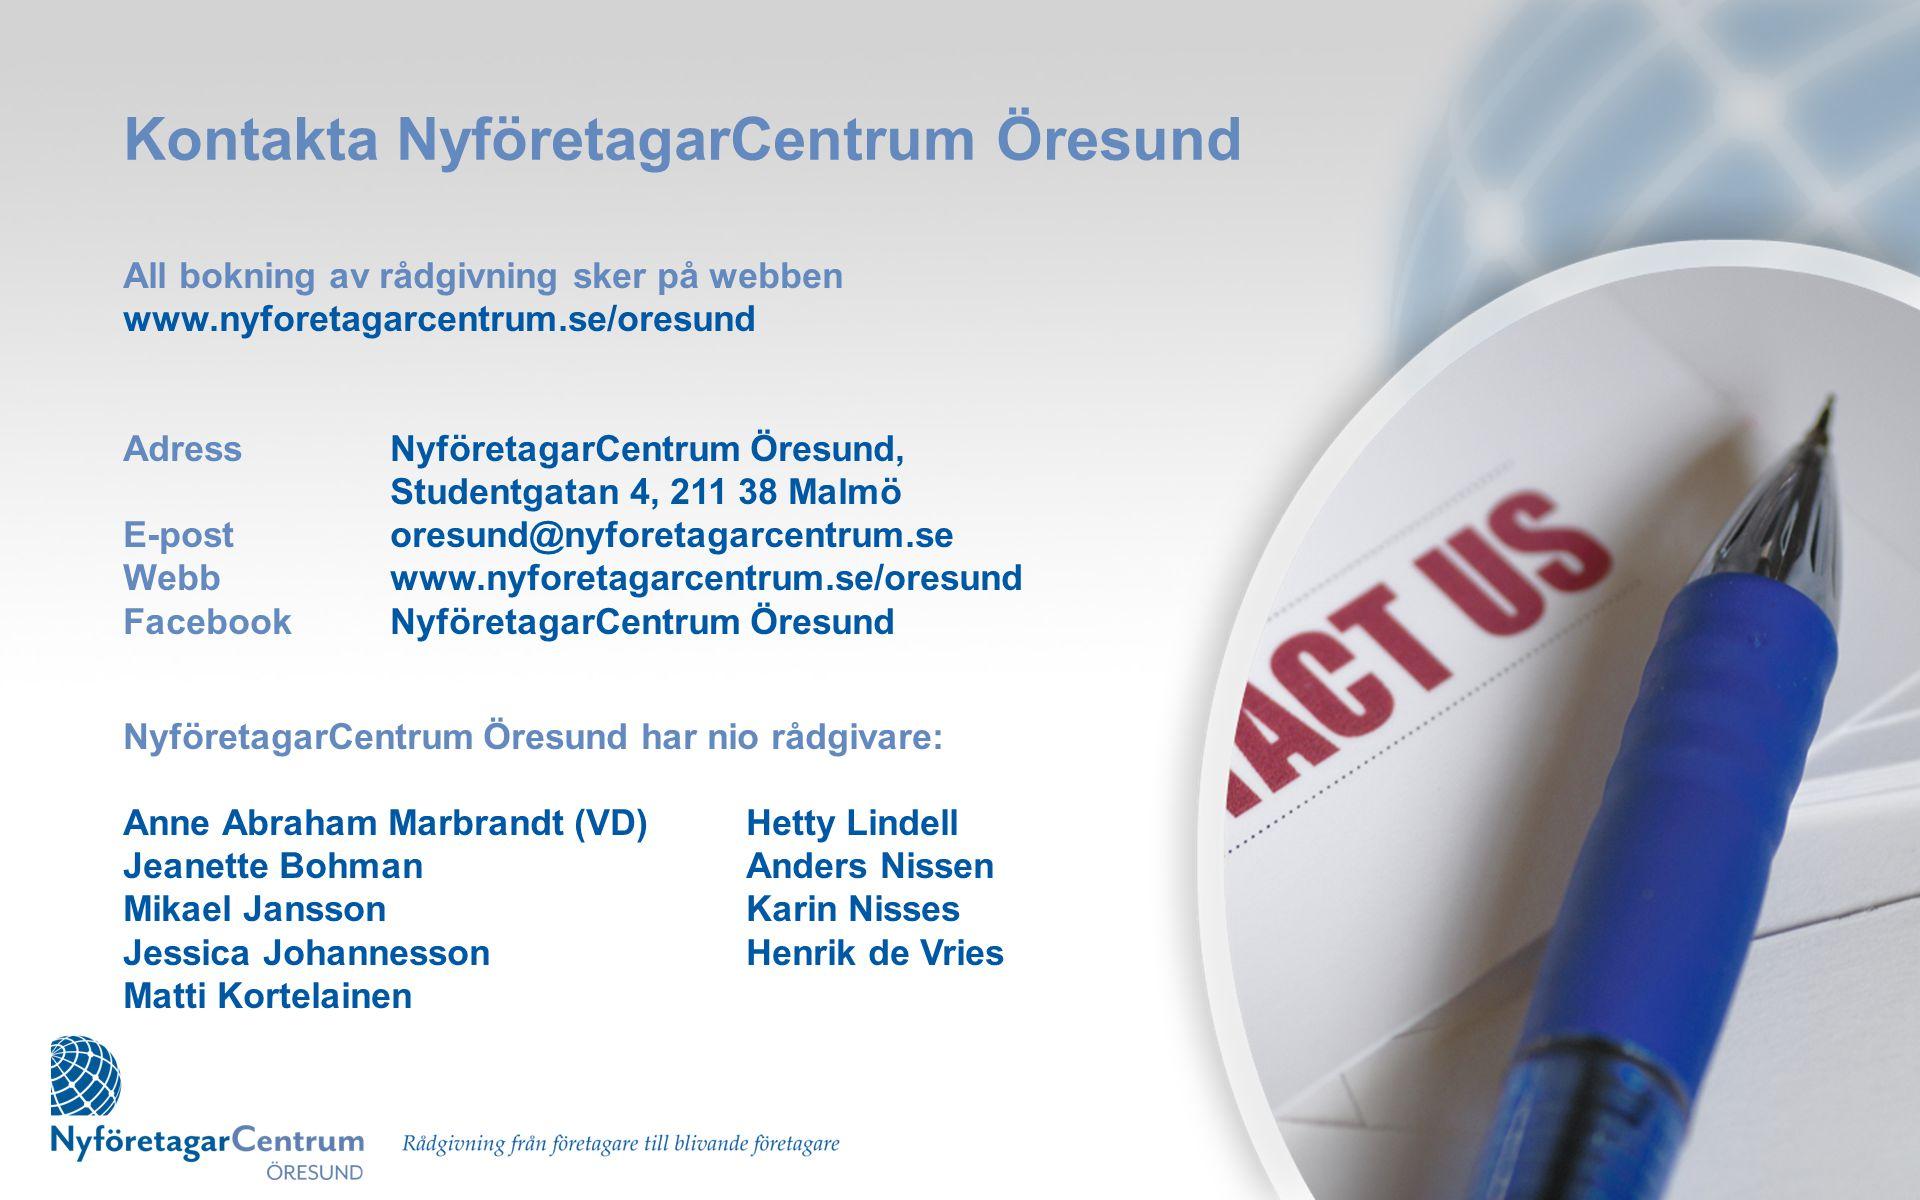 Kontakta NyföretagarCentrum Öresund All bokning av rådgivning sker på webben www.nyforetagarcentrum.se/oresund AdressNyföretagarCentrum Öresund, Stude